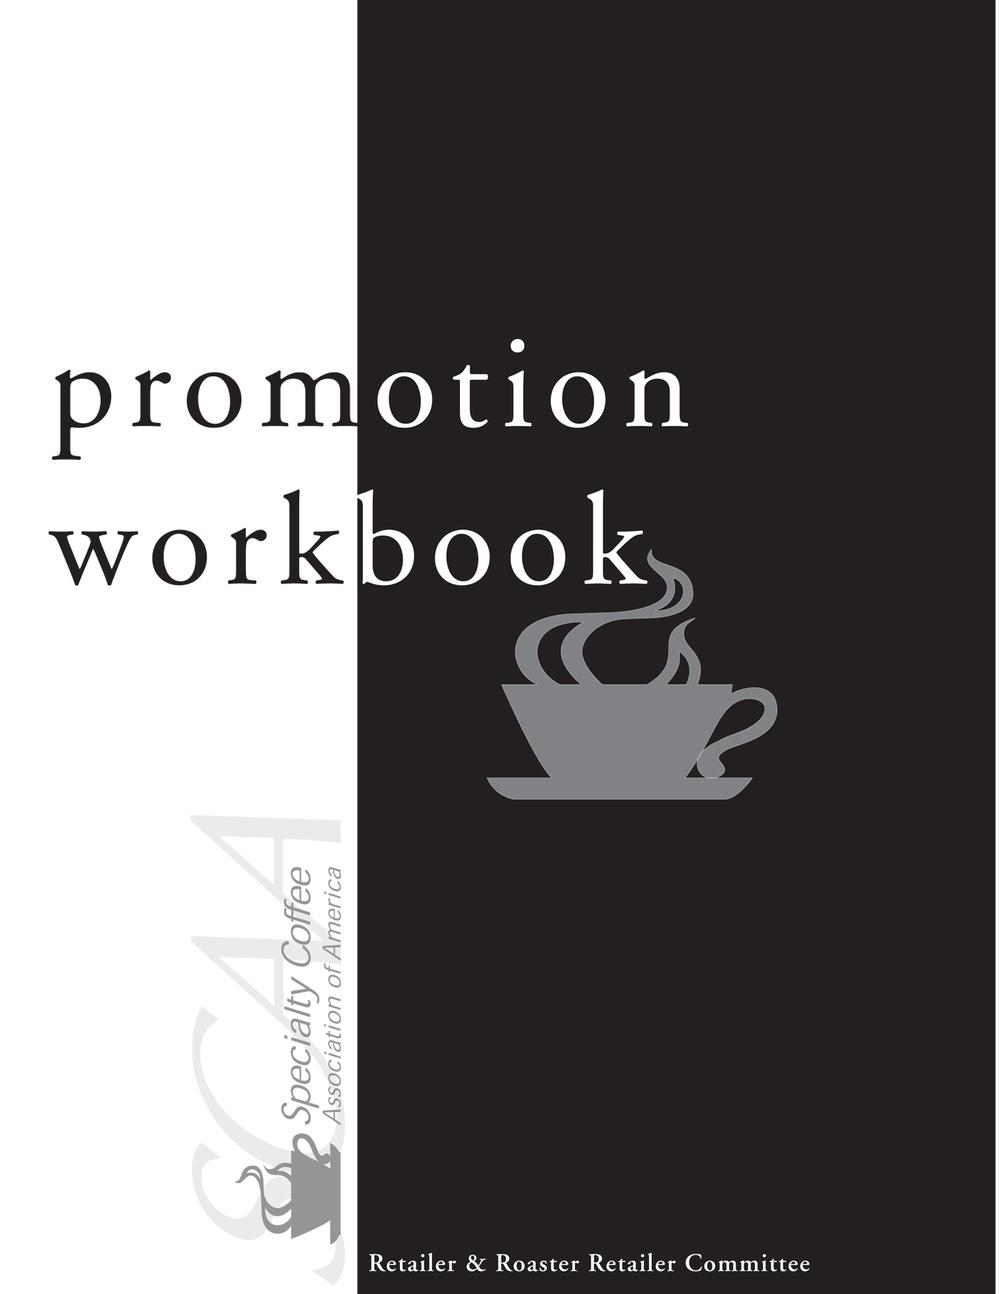 SCAAPromotions-workbook.jpg